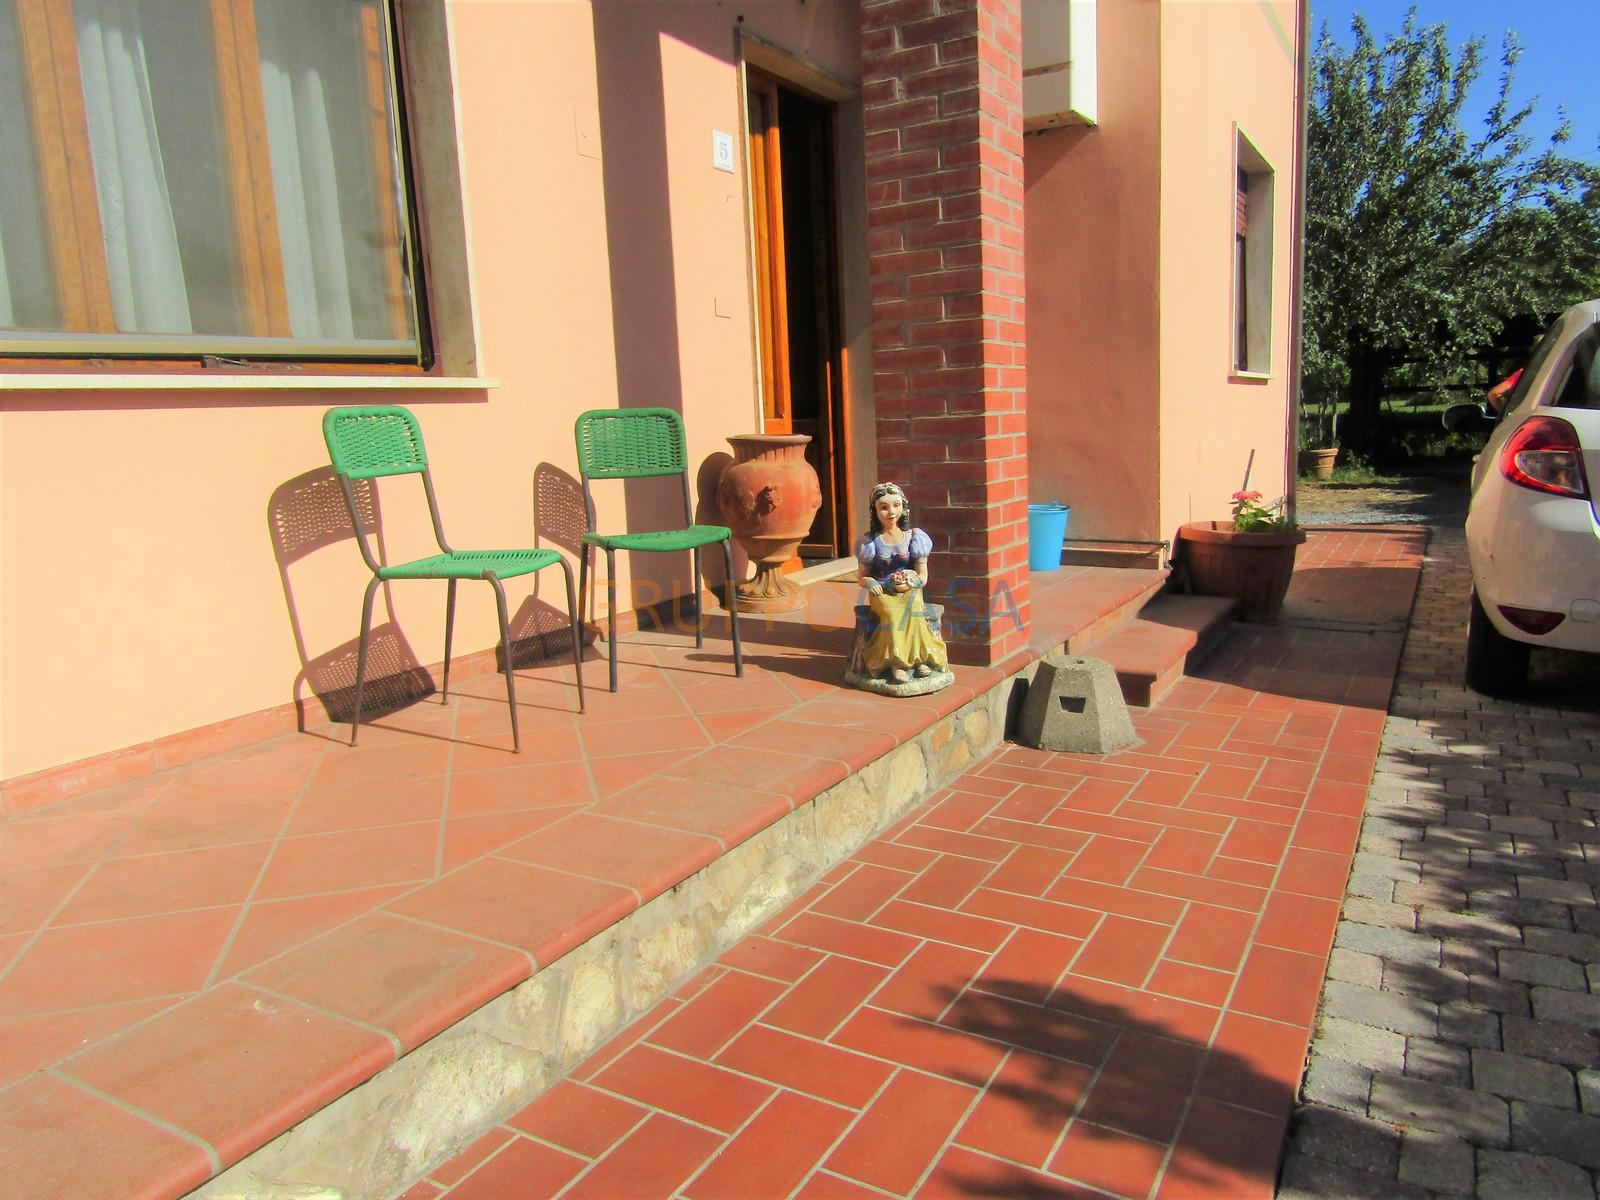 Appartamento in vendita a Montecarlo, 5 locali, zona Località: SanSalvatore, prezzo € 149.000 | CambioCasa.it